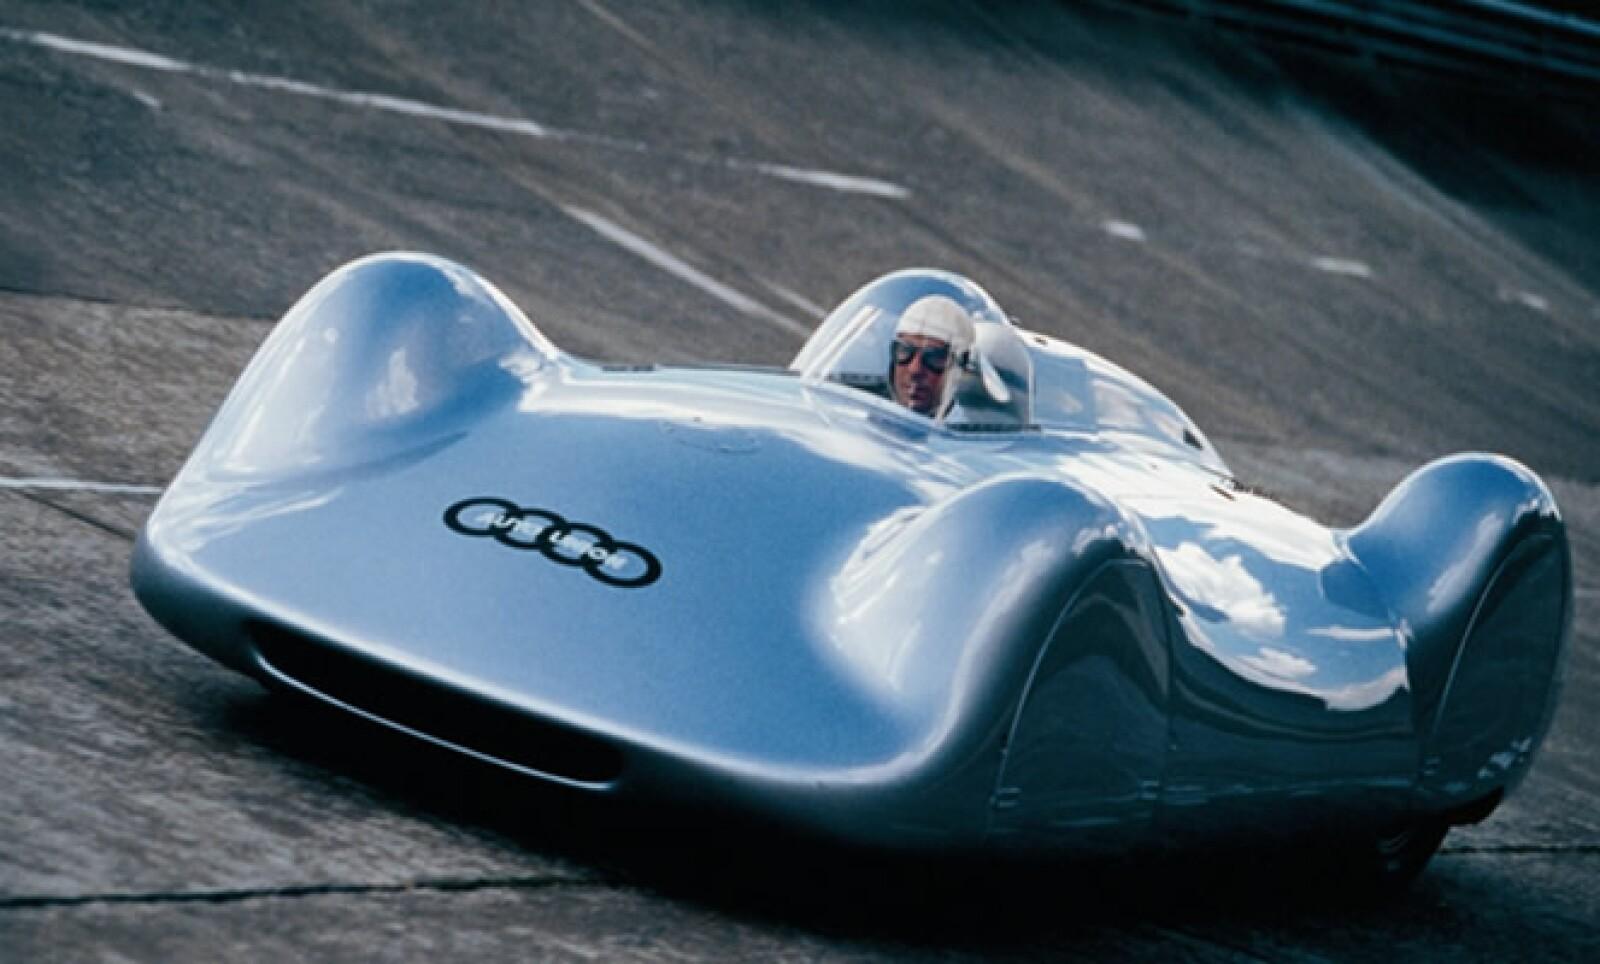 La fusión de automotoras en 1932, originaron los aros de Audi. En las competencias, los Streamliner de 1937, apodados 'Flechas de Plata', fueron los primeros en superar 400 km/h en una carretera normal, por Bernd Rosemeyer de Frankfurt a Darmstadt.